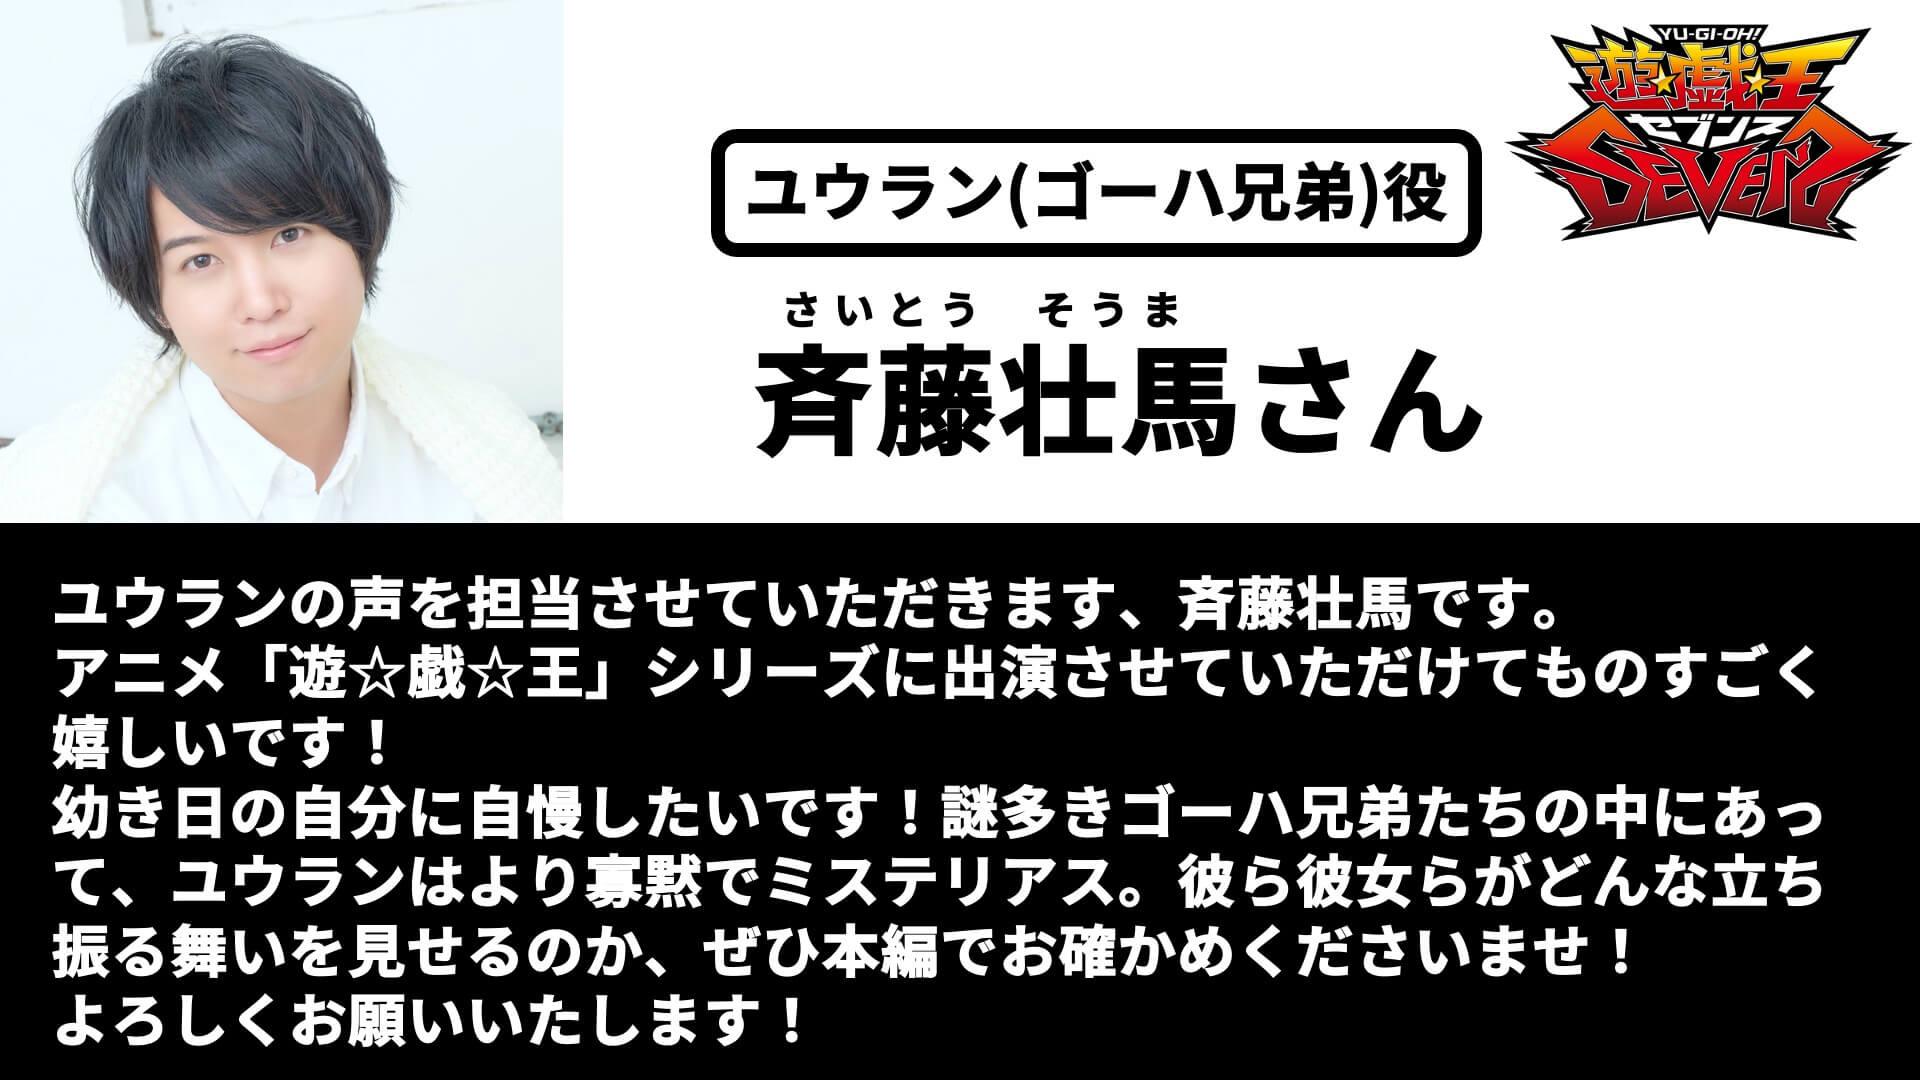 【新キャラクター】ユウラン(ゴーハ兄弟)役:斉藤壮馬さん